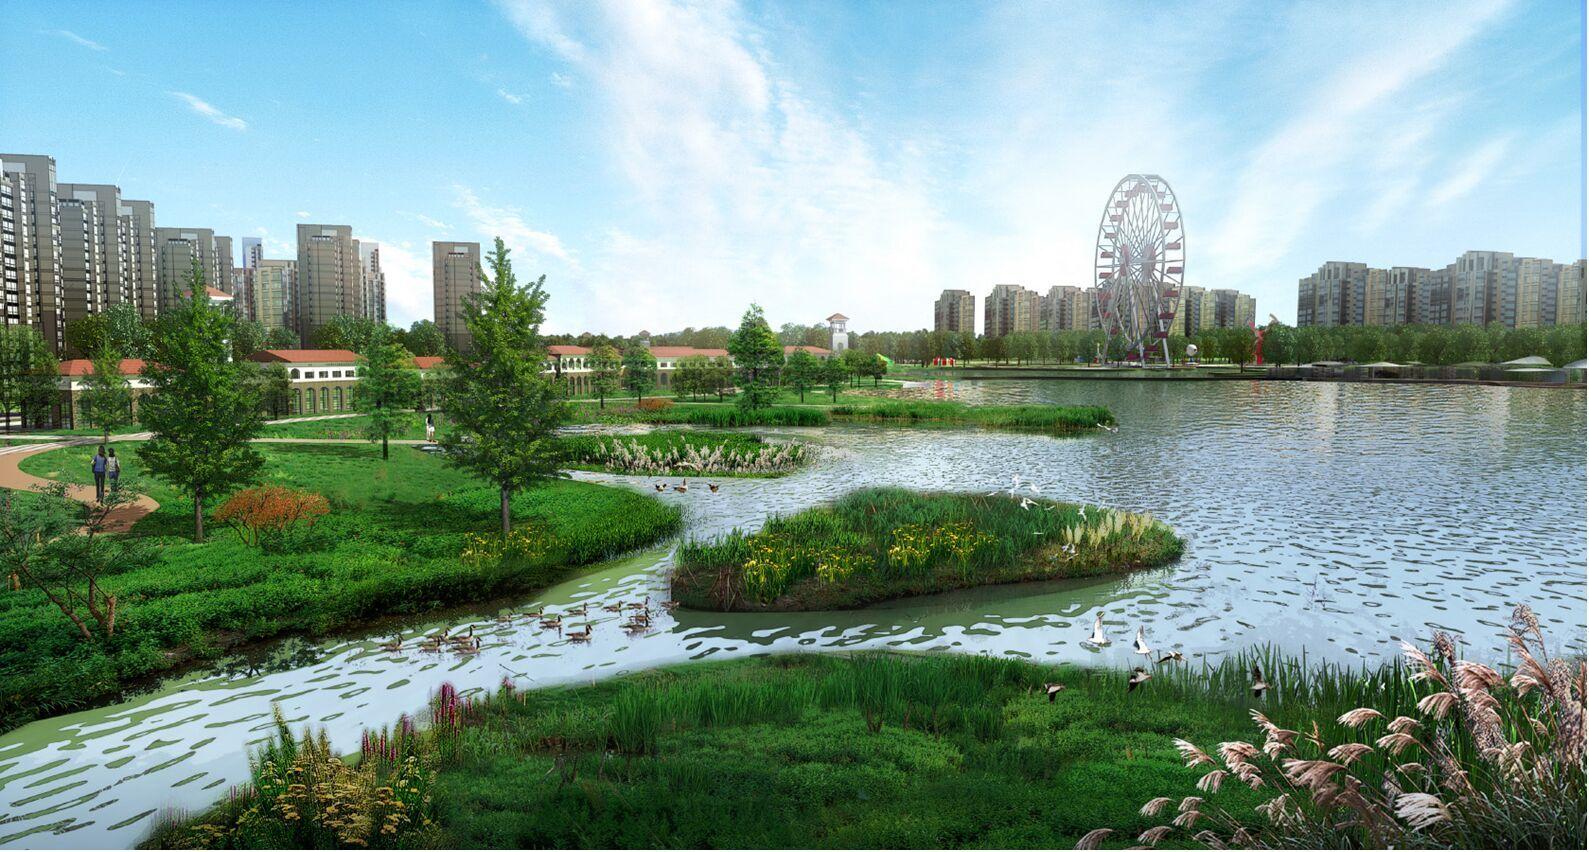 首页 主营业务 开发建设     百里伊通河棚户区改造项目暂定长城投为